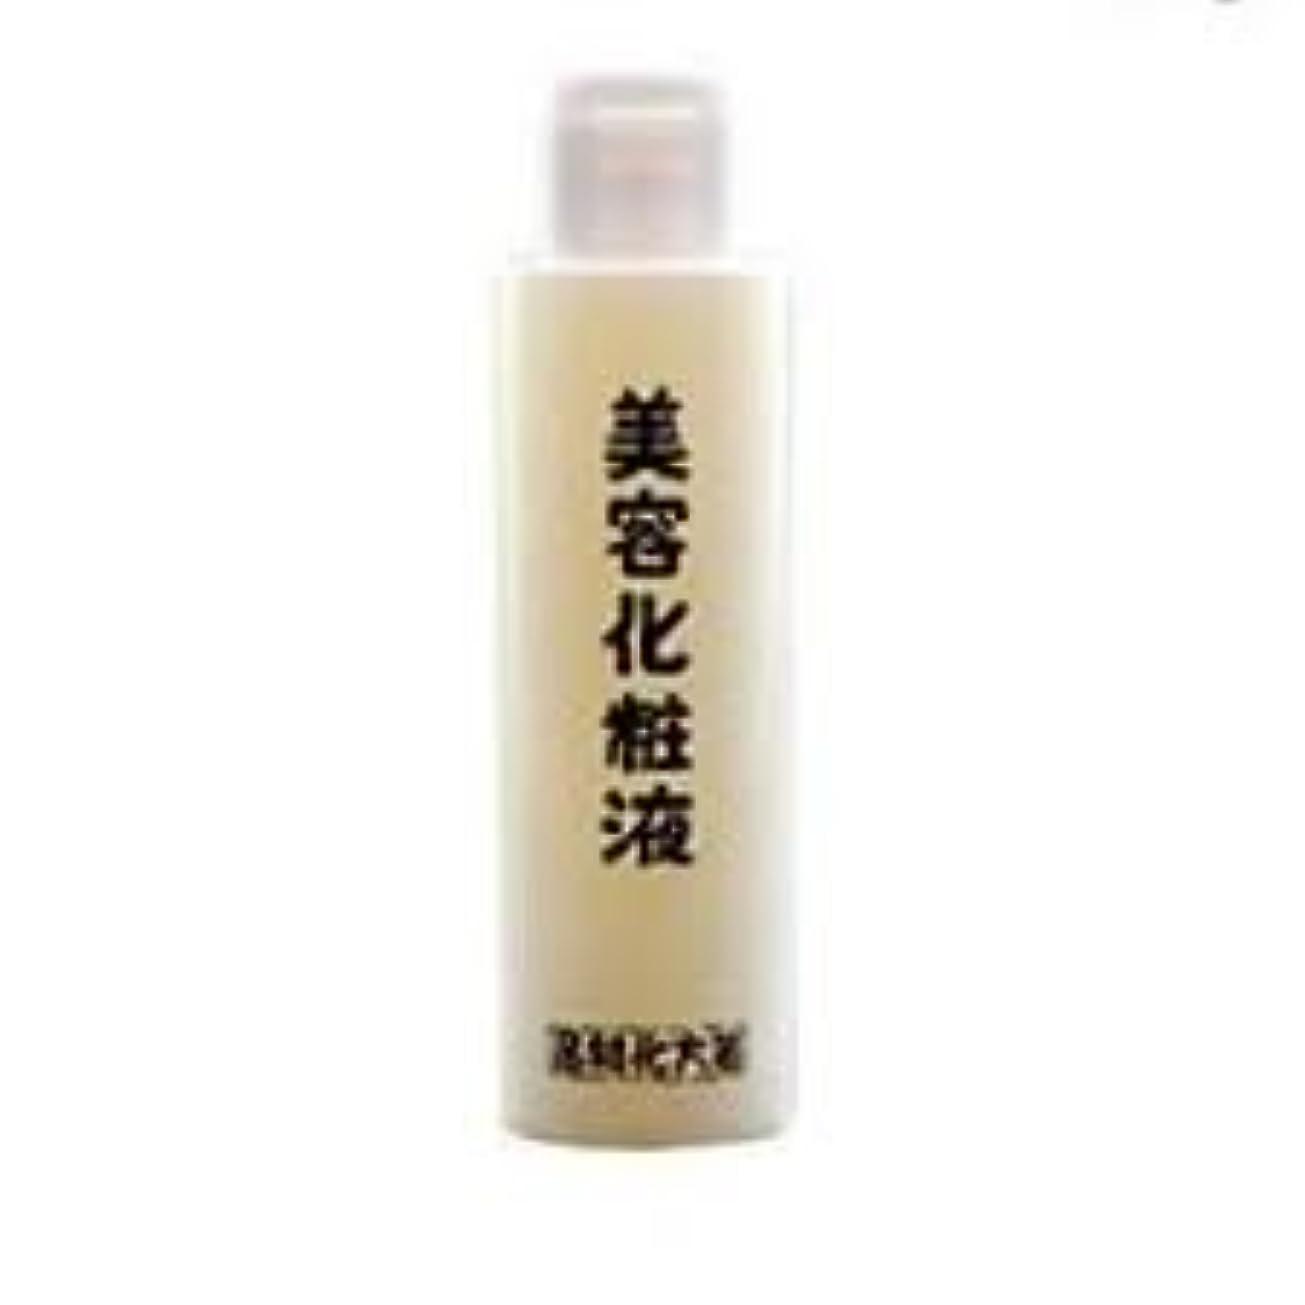 ショッピングセンターエレクトロニック収容する箸方化粧品 美容化粧液 化粧水 120ml はしかた化粧品